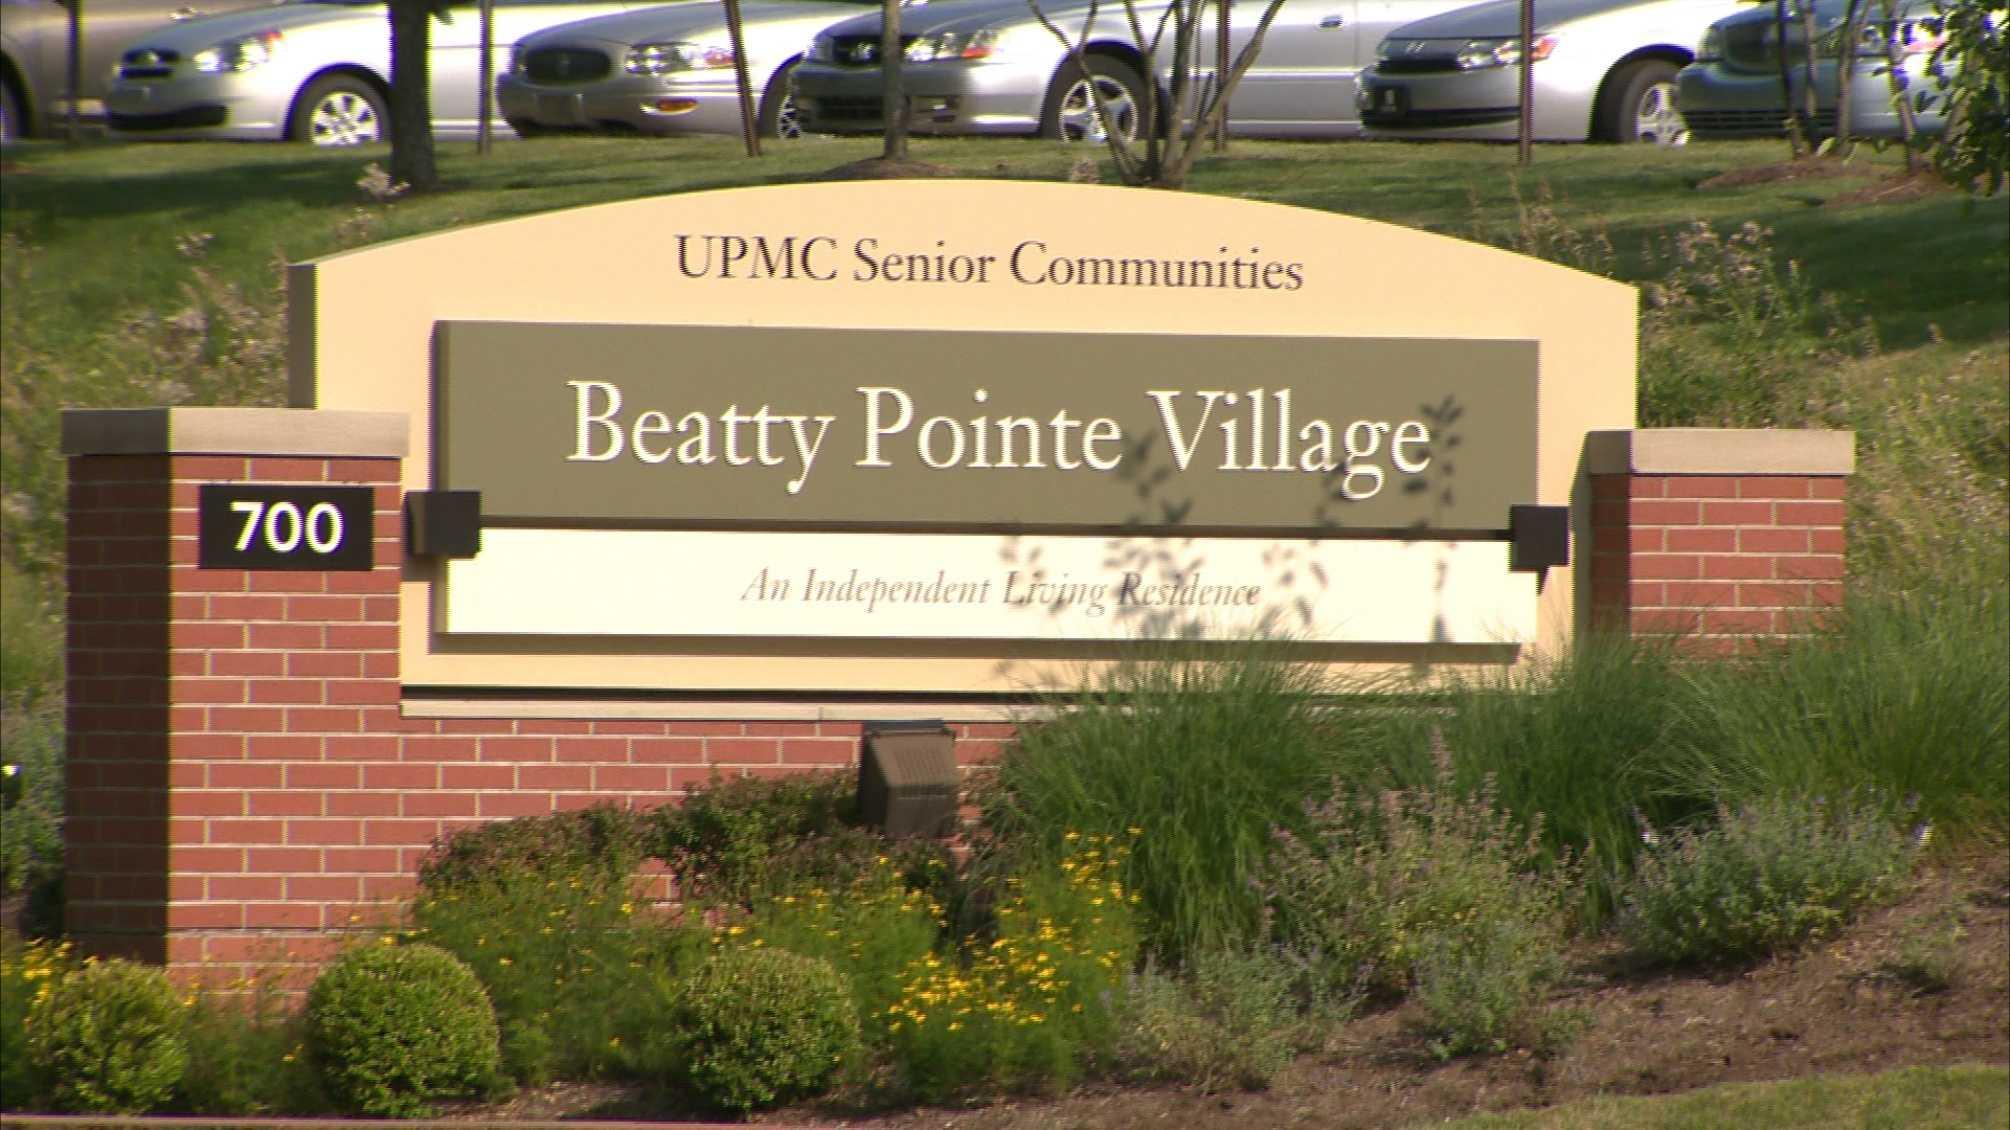 Beatty Pointe Village